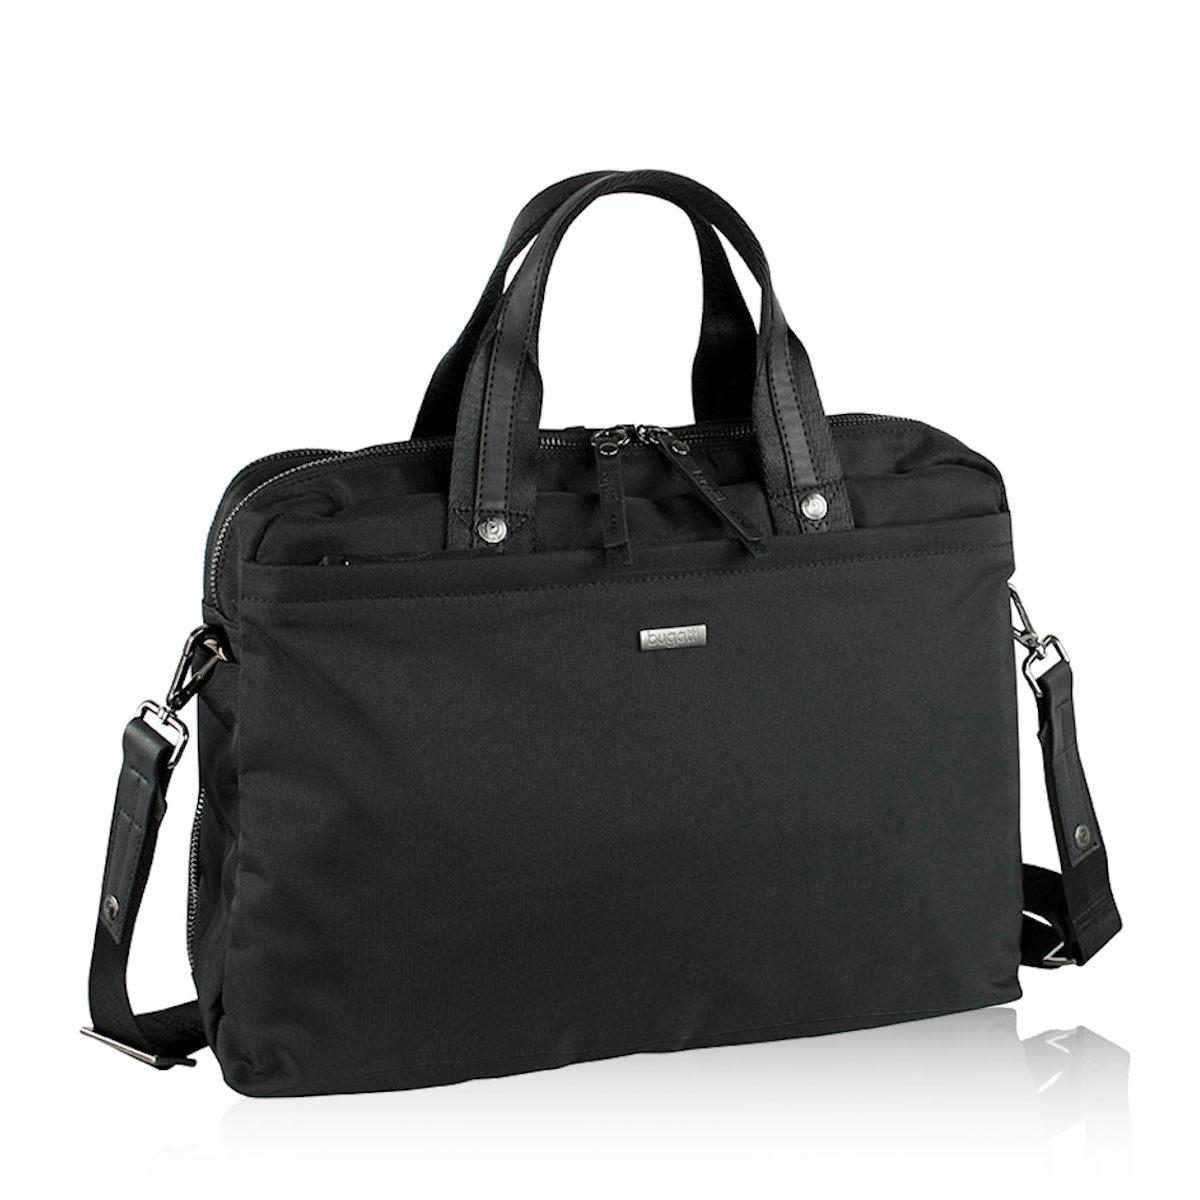 2a8d270039f Bugatti pánska praktická laptopová taška - čierna Bugatti pánska praktická laptopová  taška - čierna ...